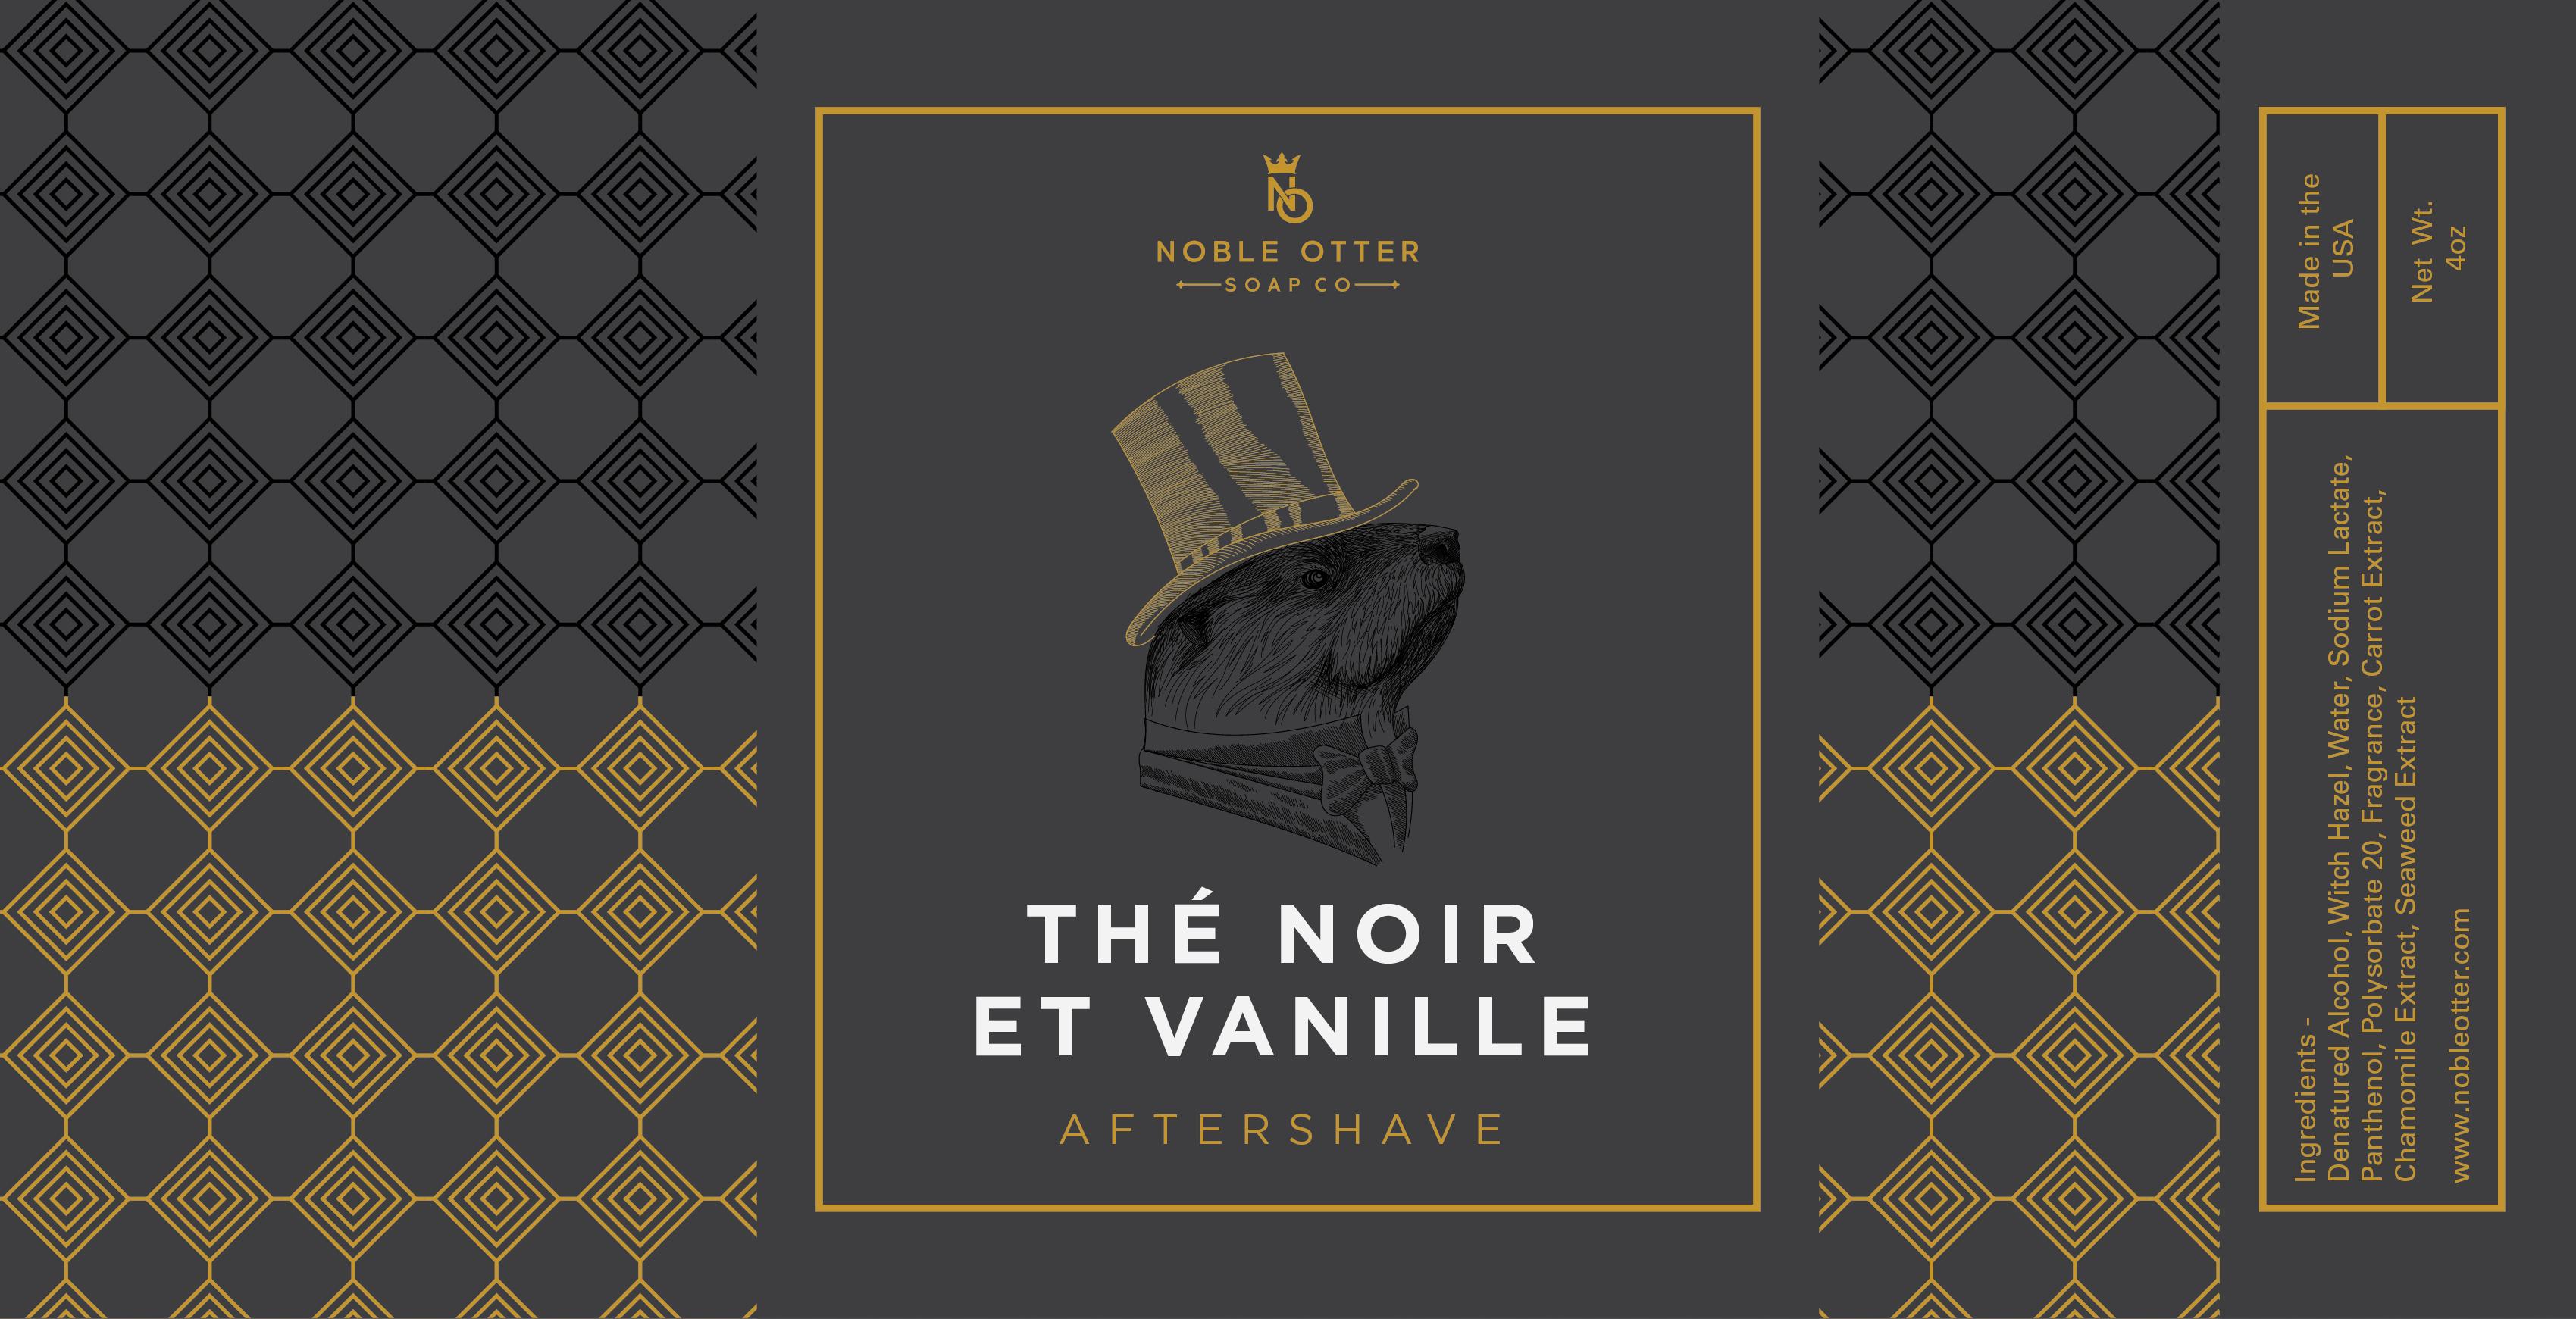 Noble Otter - Thé Noir et Vanille - Aftershave image